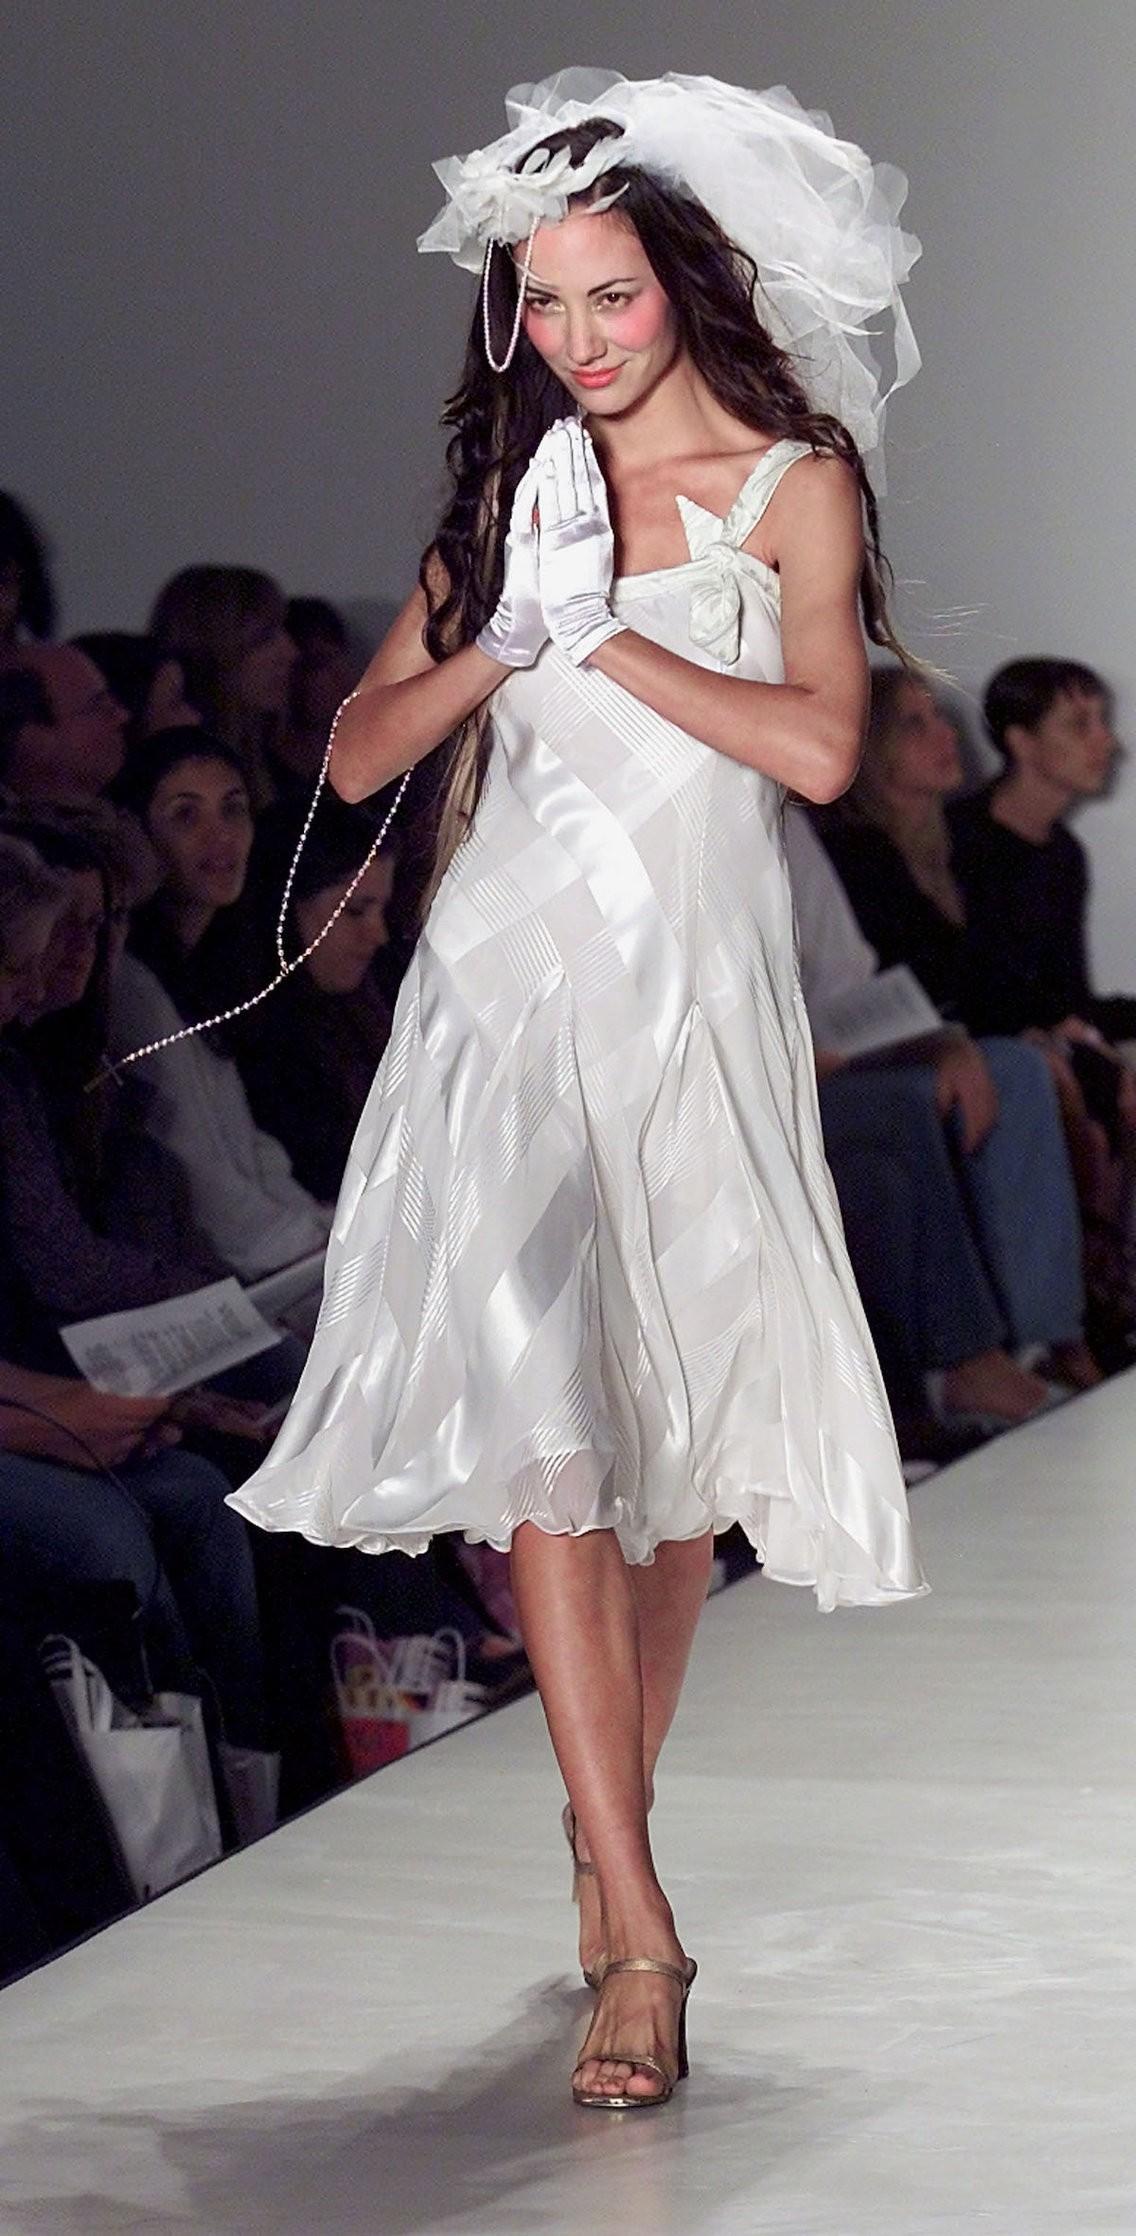 Xu hướng váy cưới và sự thay đổi của thời trang trong 100 năm qua - Ảnh 11.